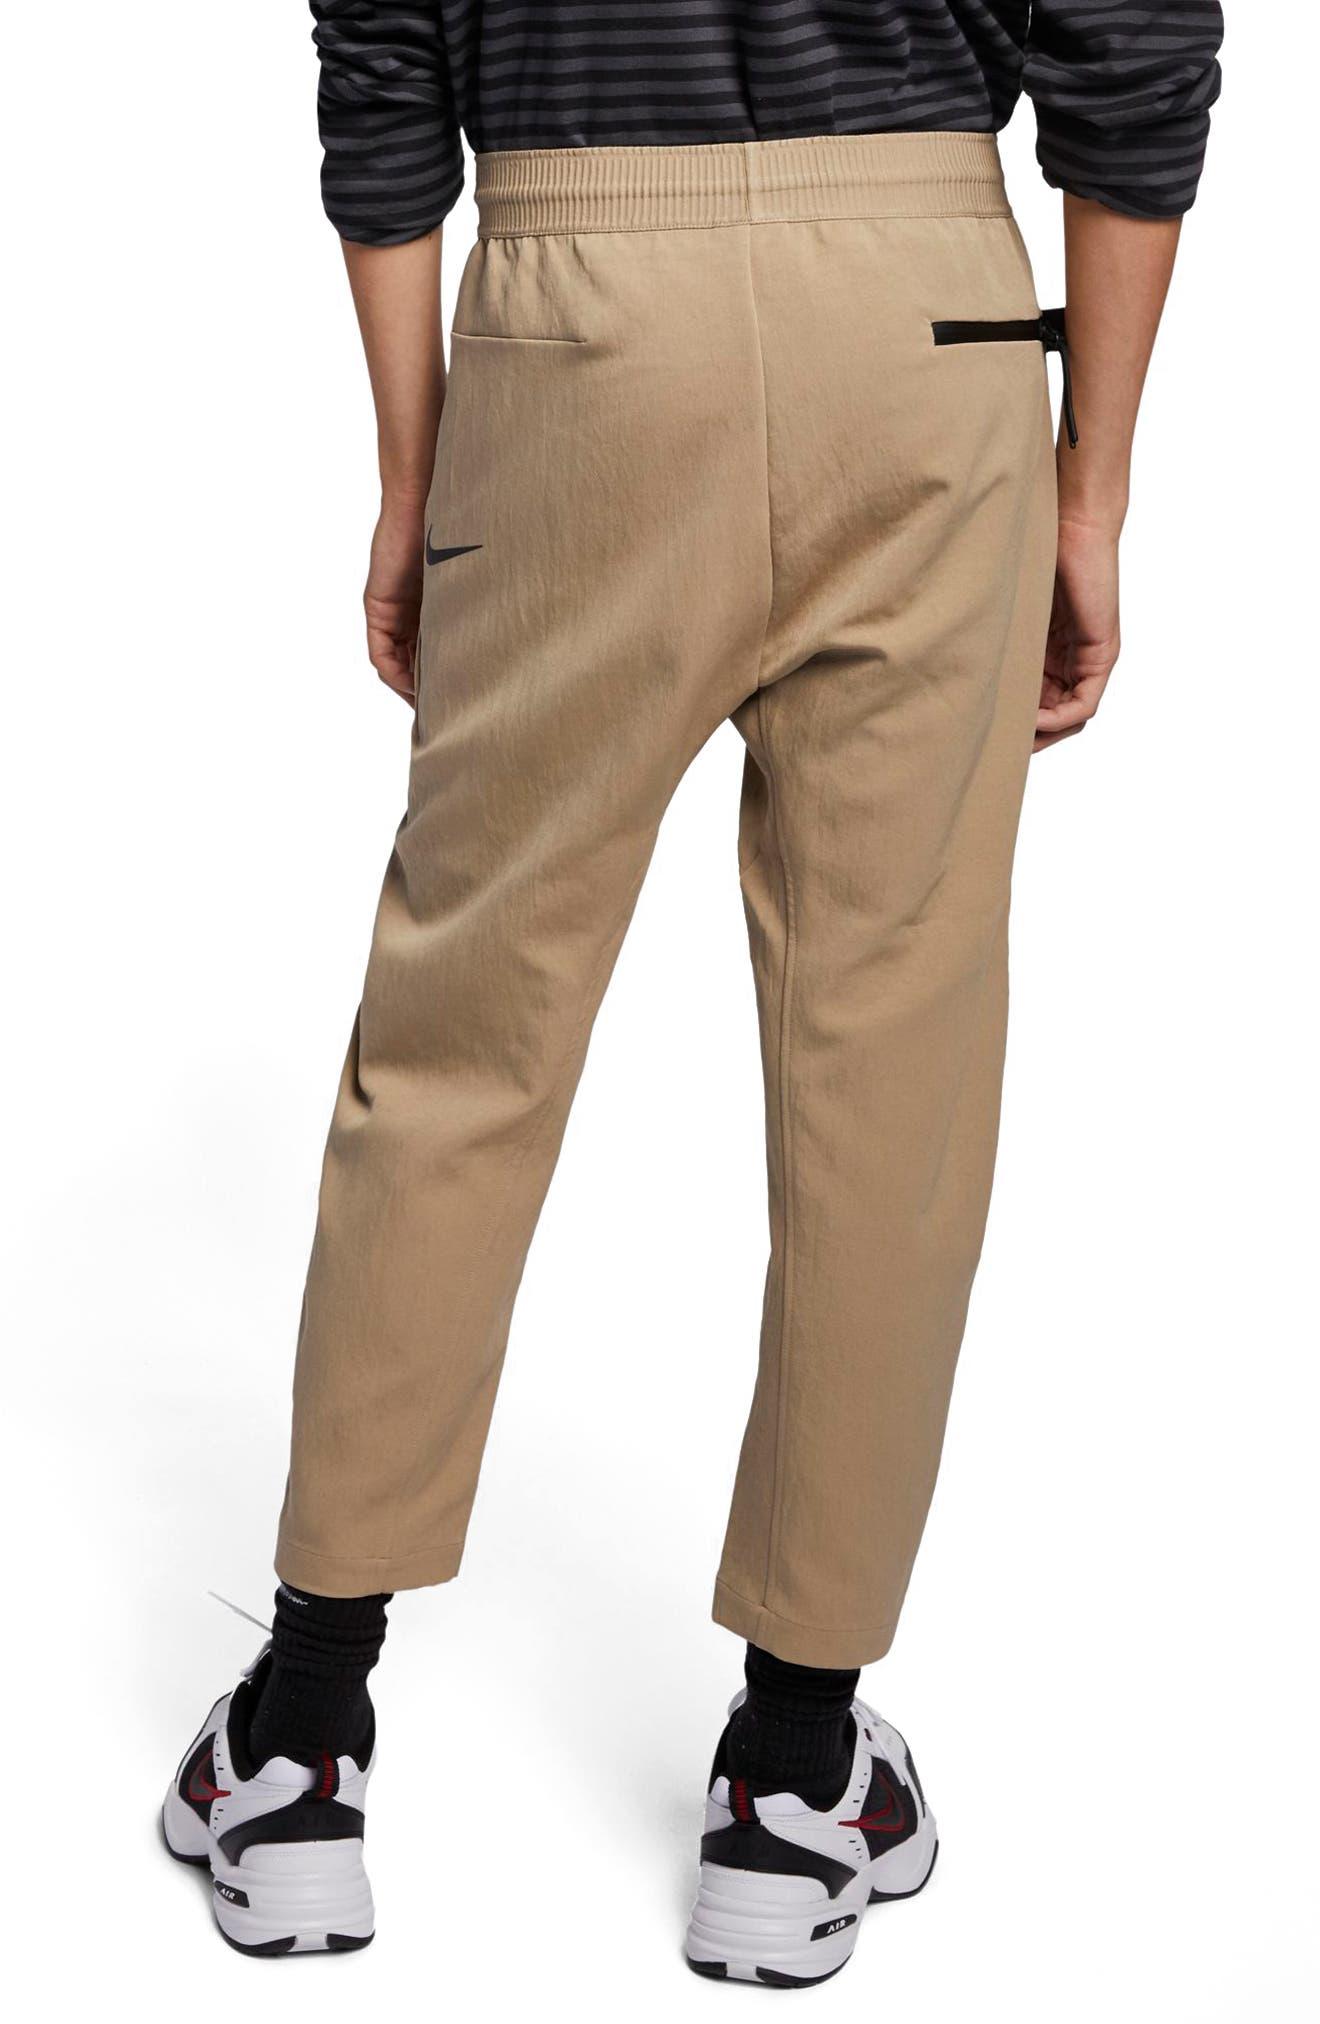 NIKE, Sportswear Tech Pack Men's Crop Woven Pants, Alternate thumbnail 2, color, KHAKI/ KHAKI/ BLACK